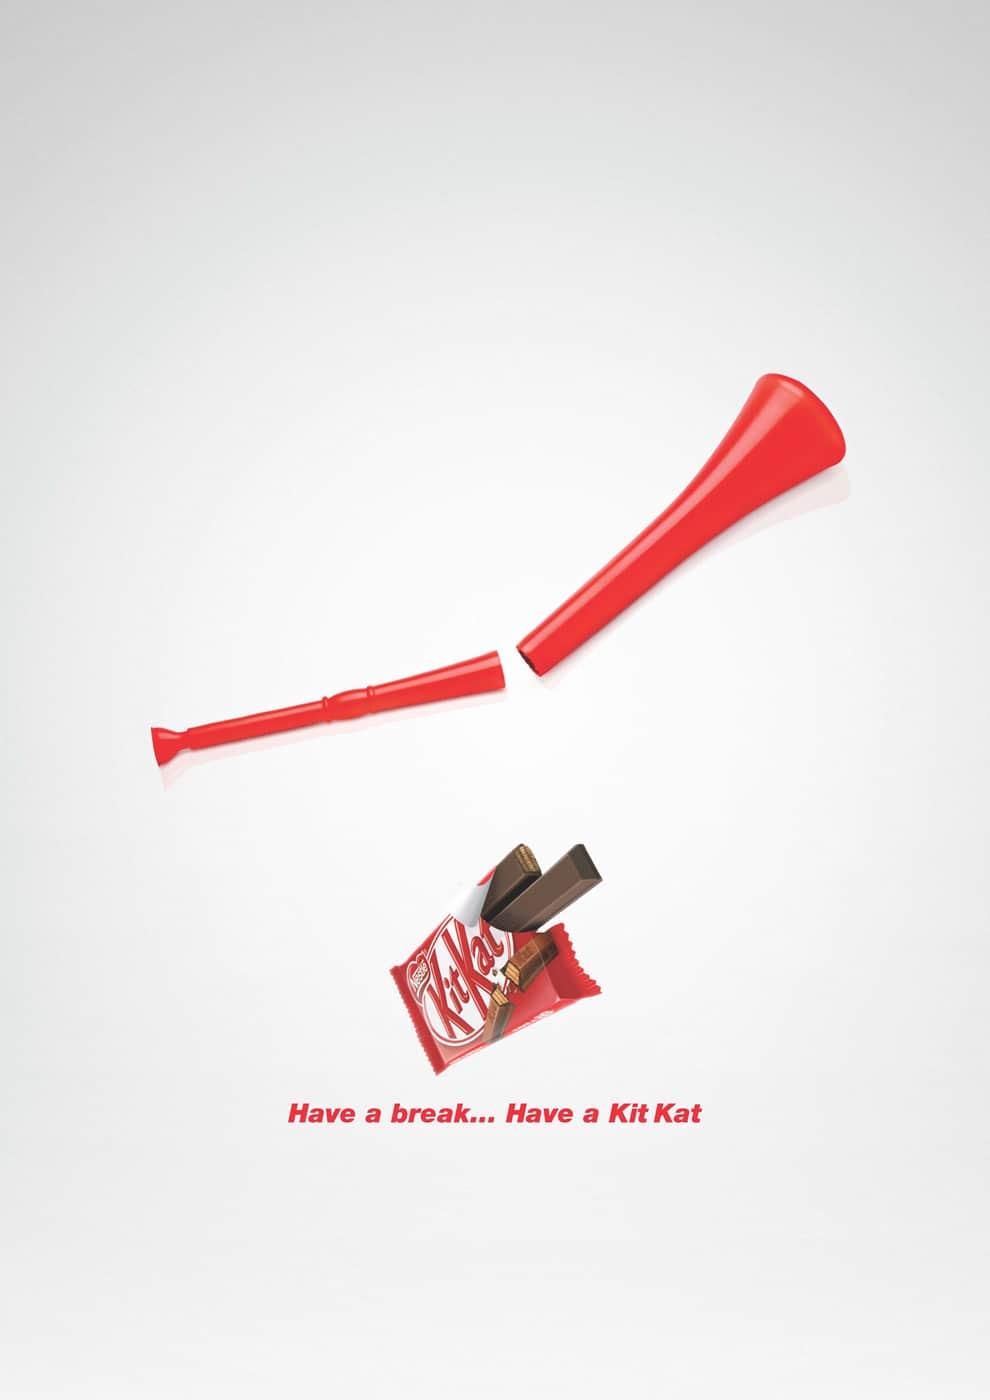 KitKat vuvuzela